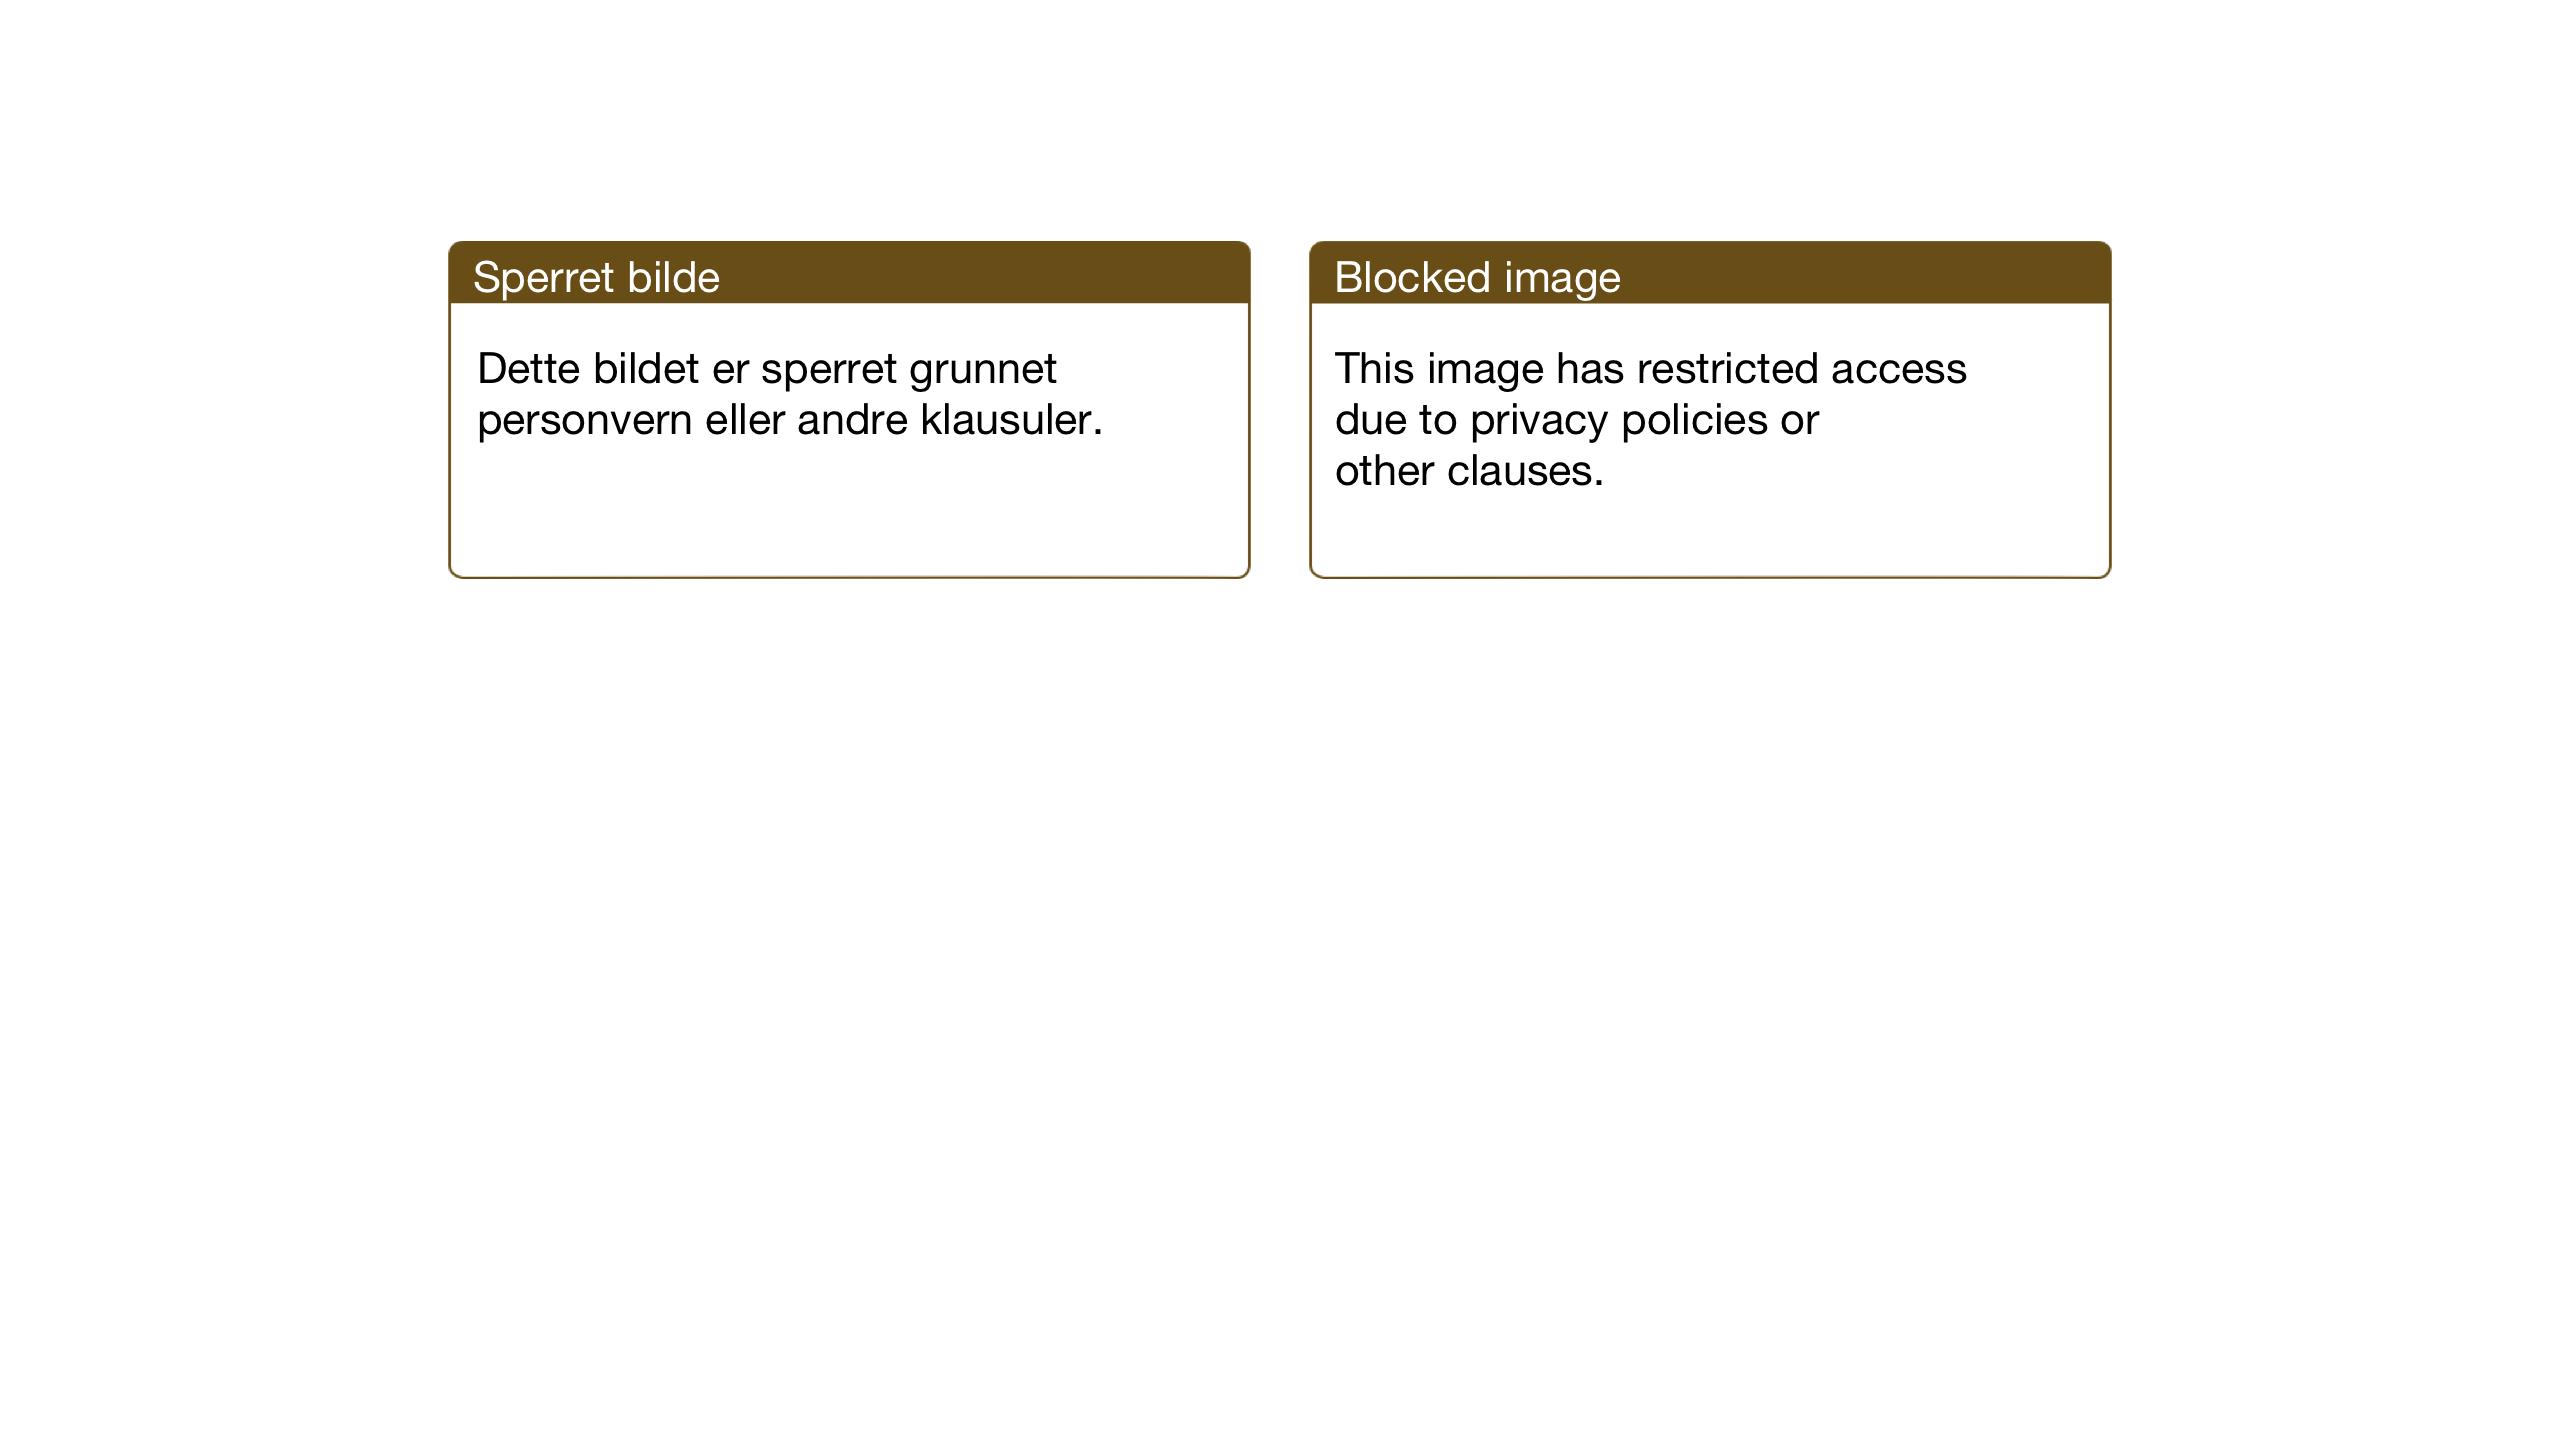 SAT, Ministerialprotokoller, klokkerbøker og fødselsregistre - Sør-Trøndelag, 669/L0832: Klokkerbok nr. 669C02, 1925-1953, s. 156